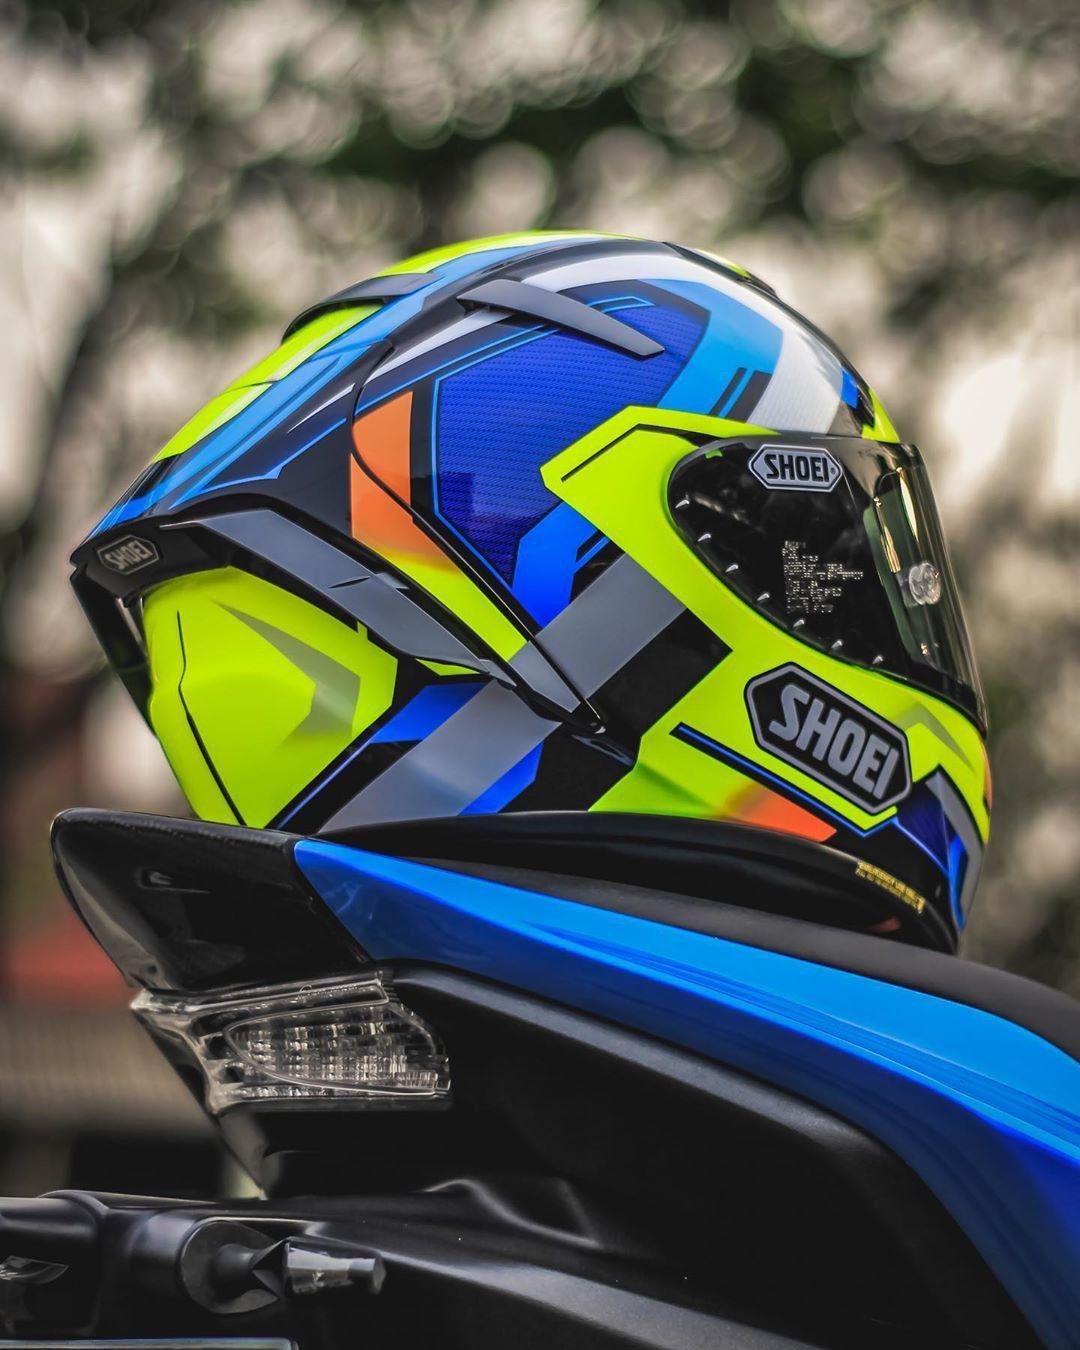 Pin De Sam Neill Em Helmets Capacetes Para Motos Capacete Acessorios Para Motos